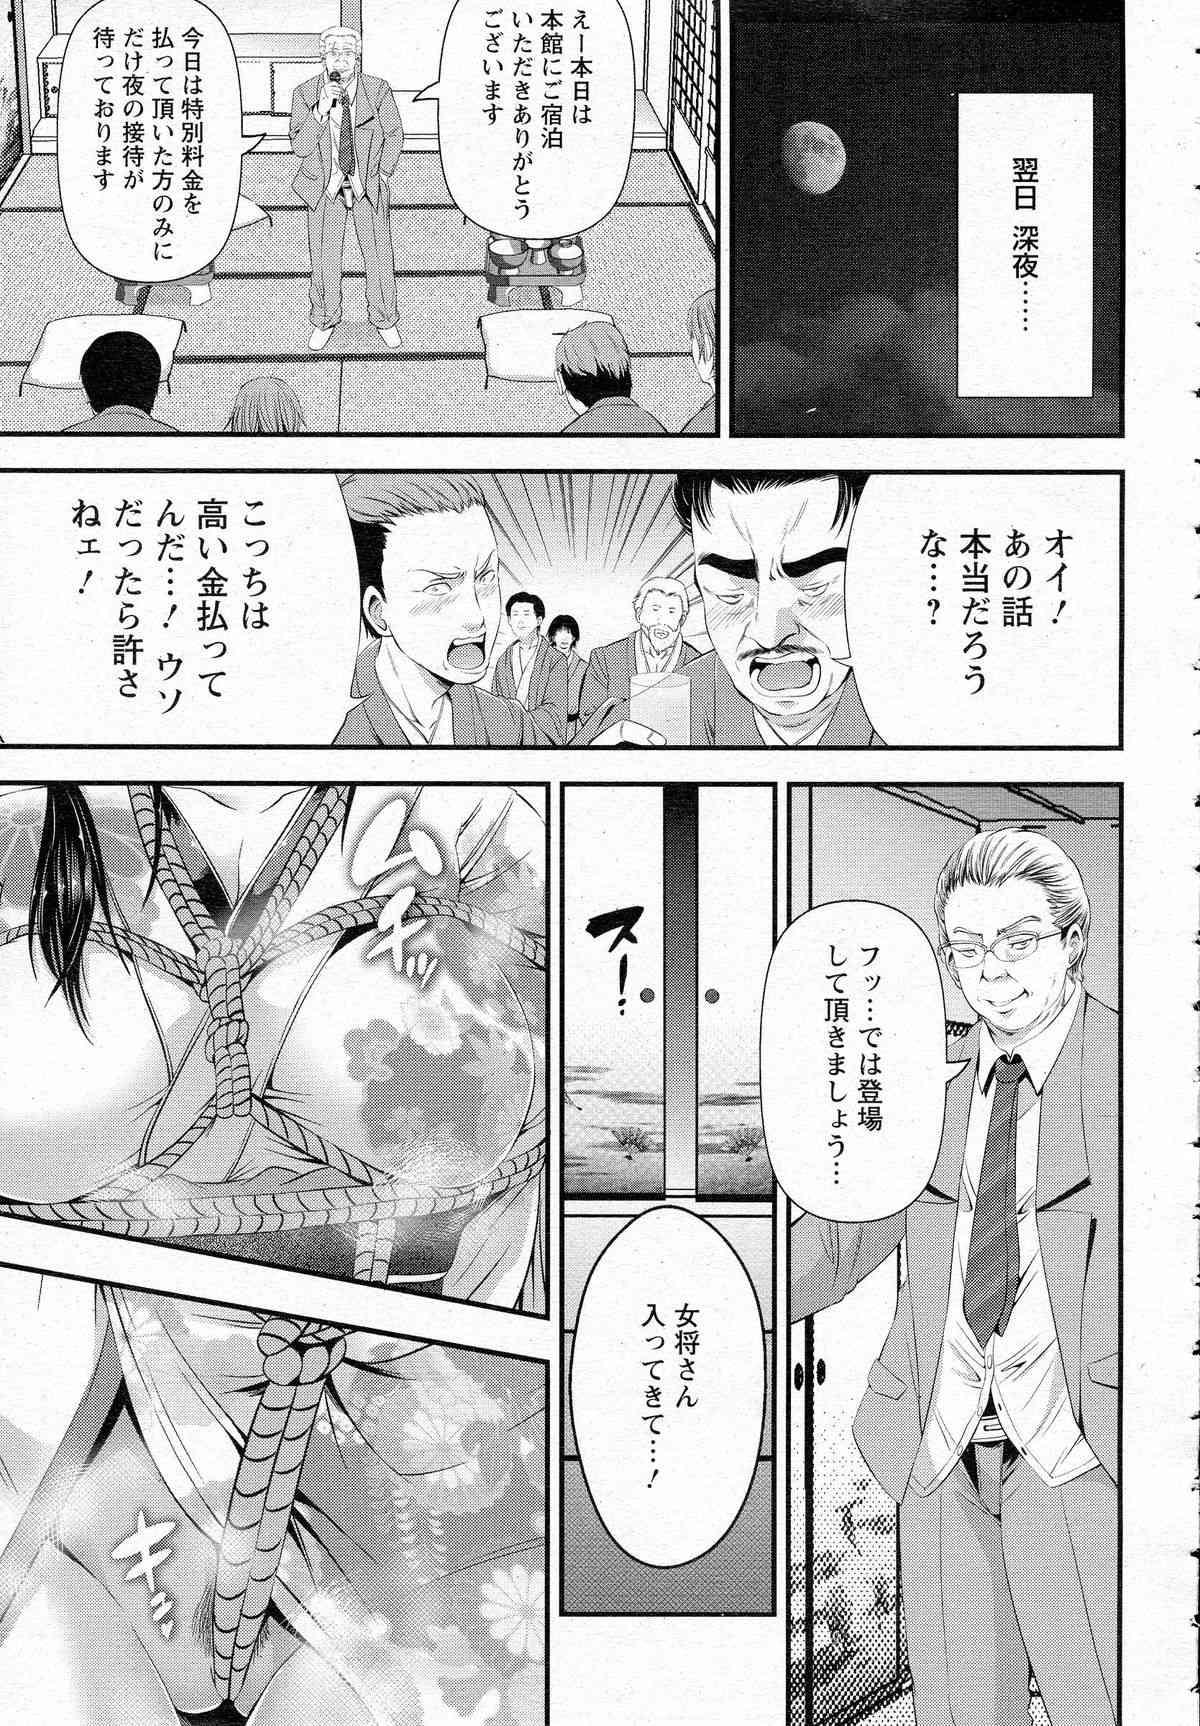 【エロ漫画】夫が遺した旅館を守るため和服美人女将が緊縛姿で性接待www